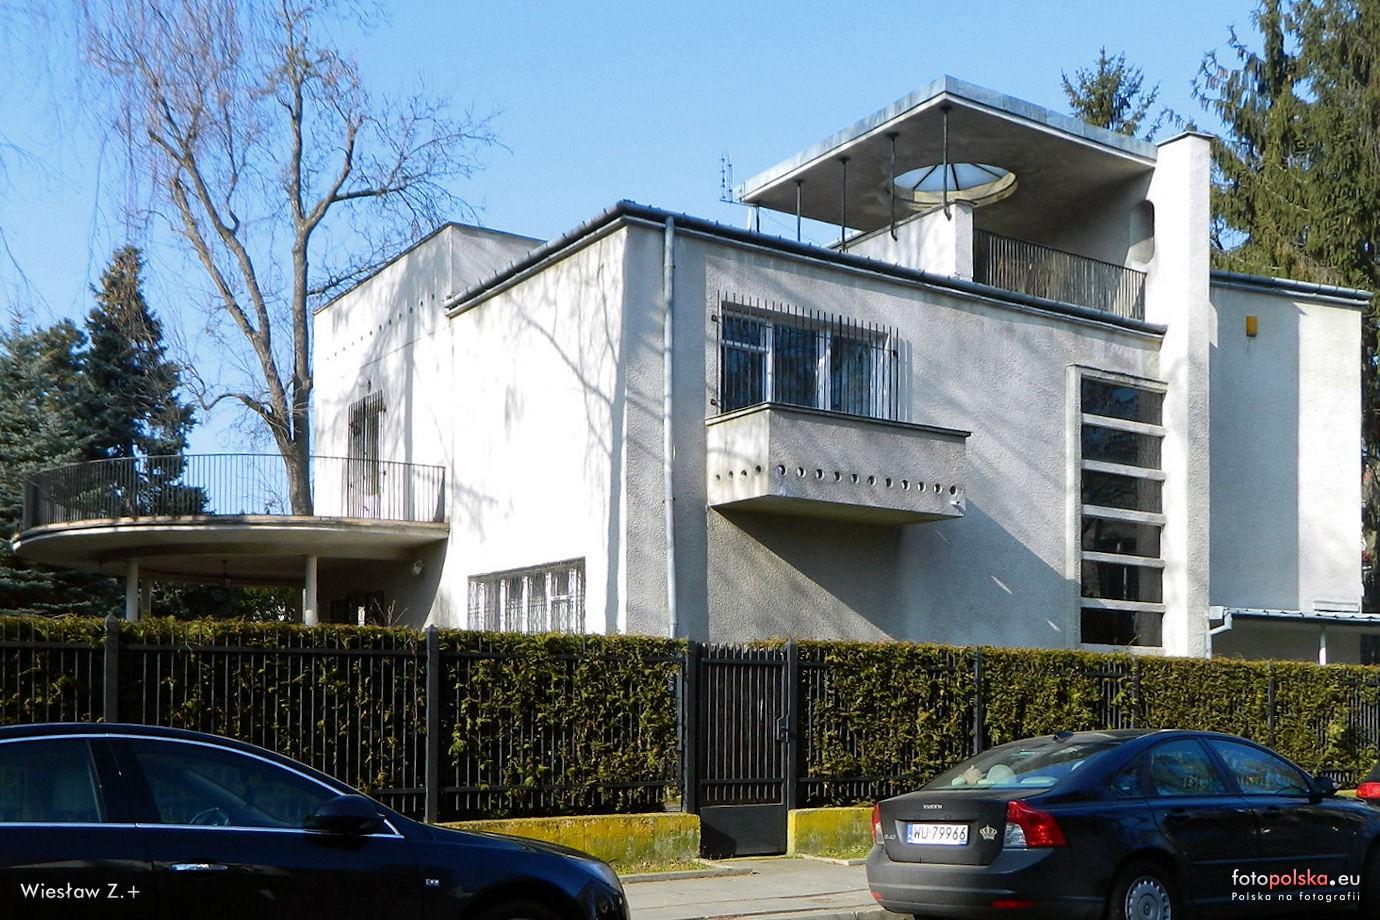 > Willa Brzeziński, exemple de construction des années 1930 dans le quartier de Saska Kepa de Varsovie. Source : Fotopolska.eu